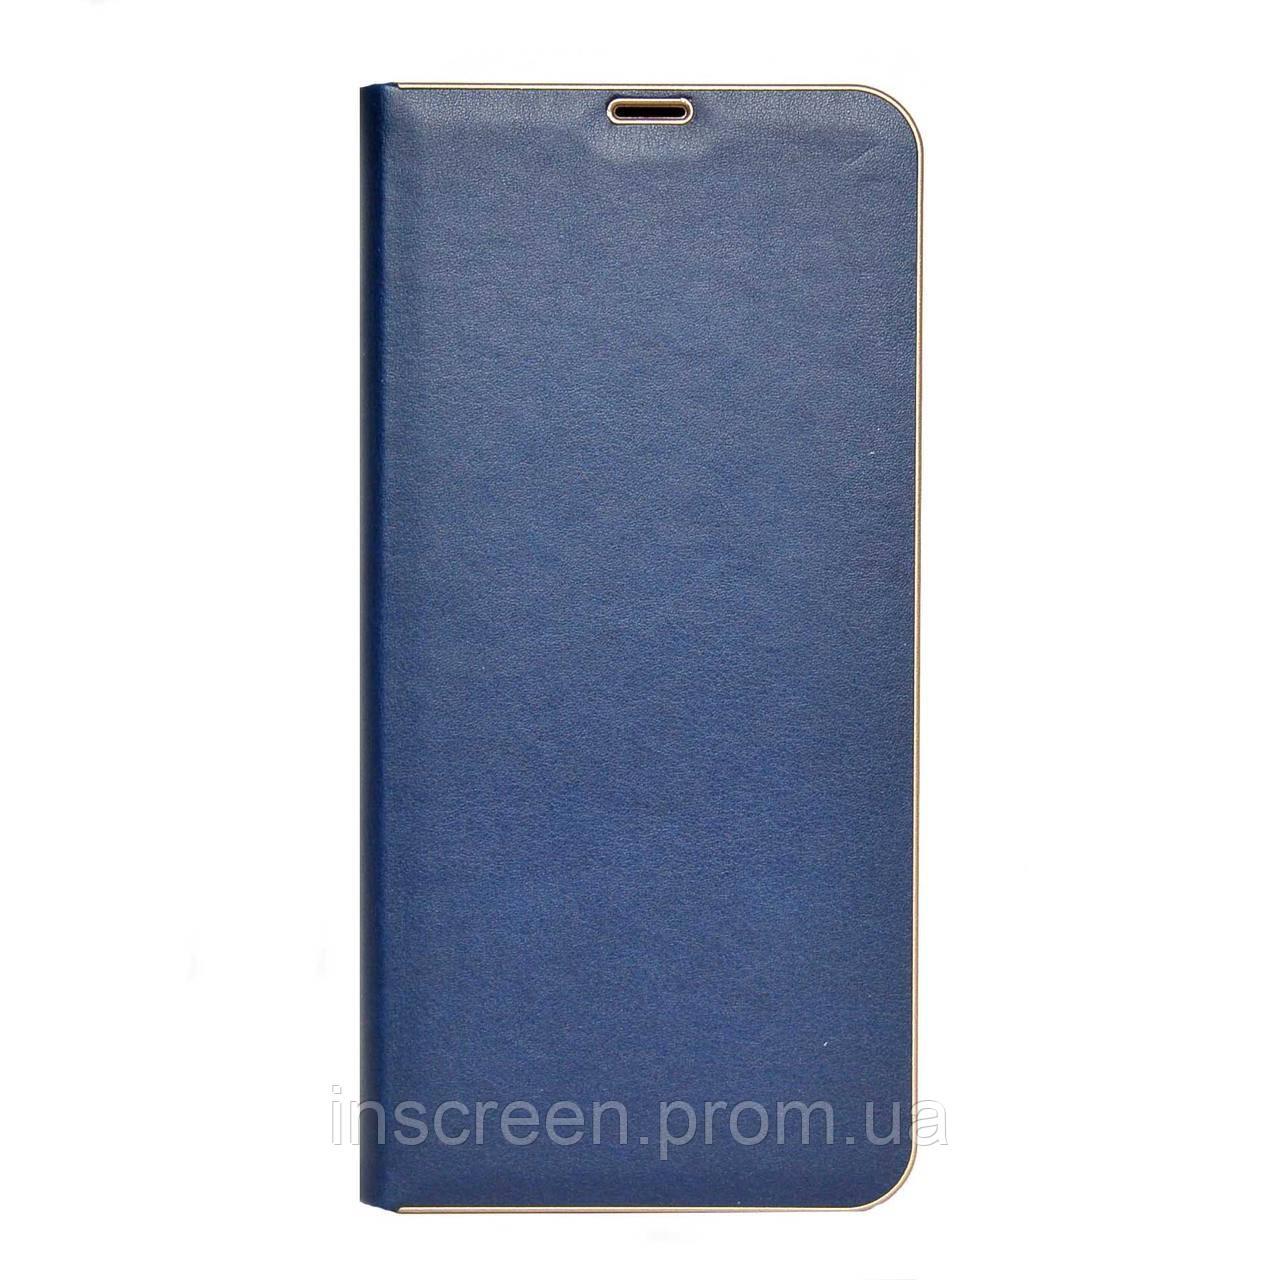 Чохол-книжка Florence TOP 2 Samsung A217F A21s (2020) під шкіру синій